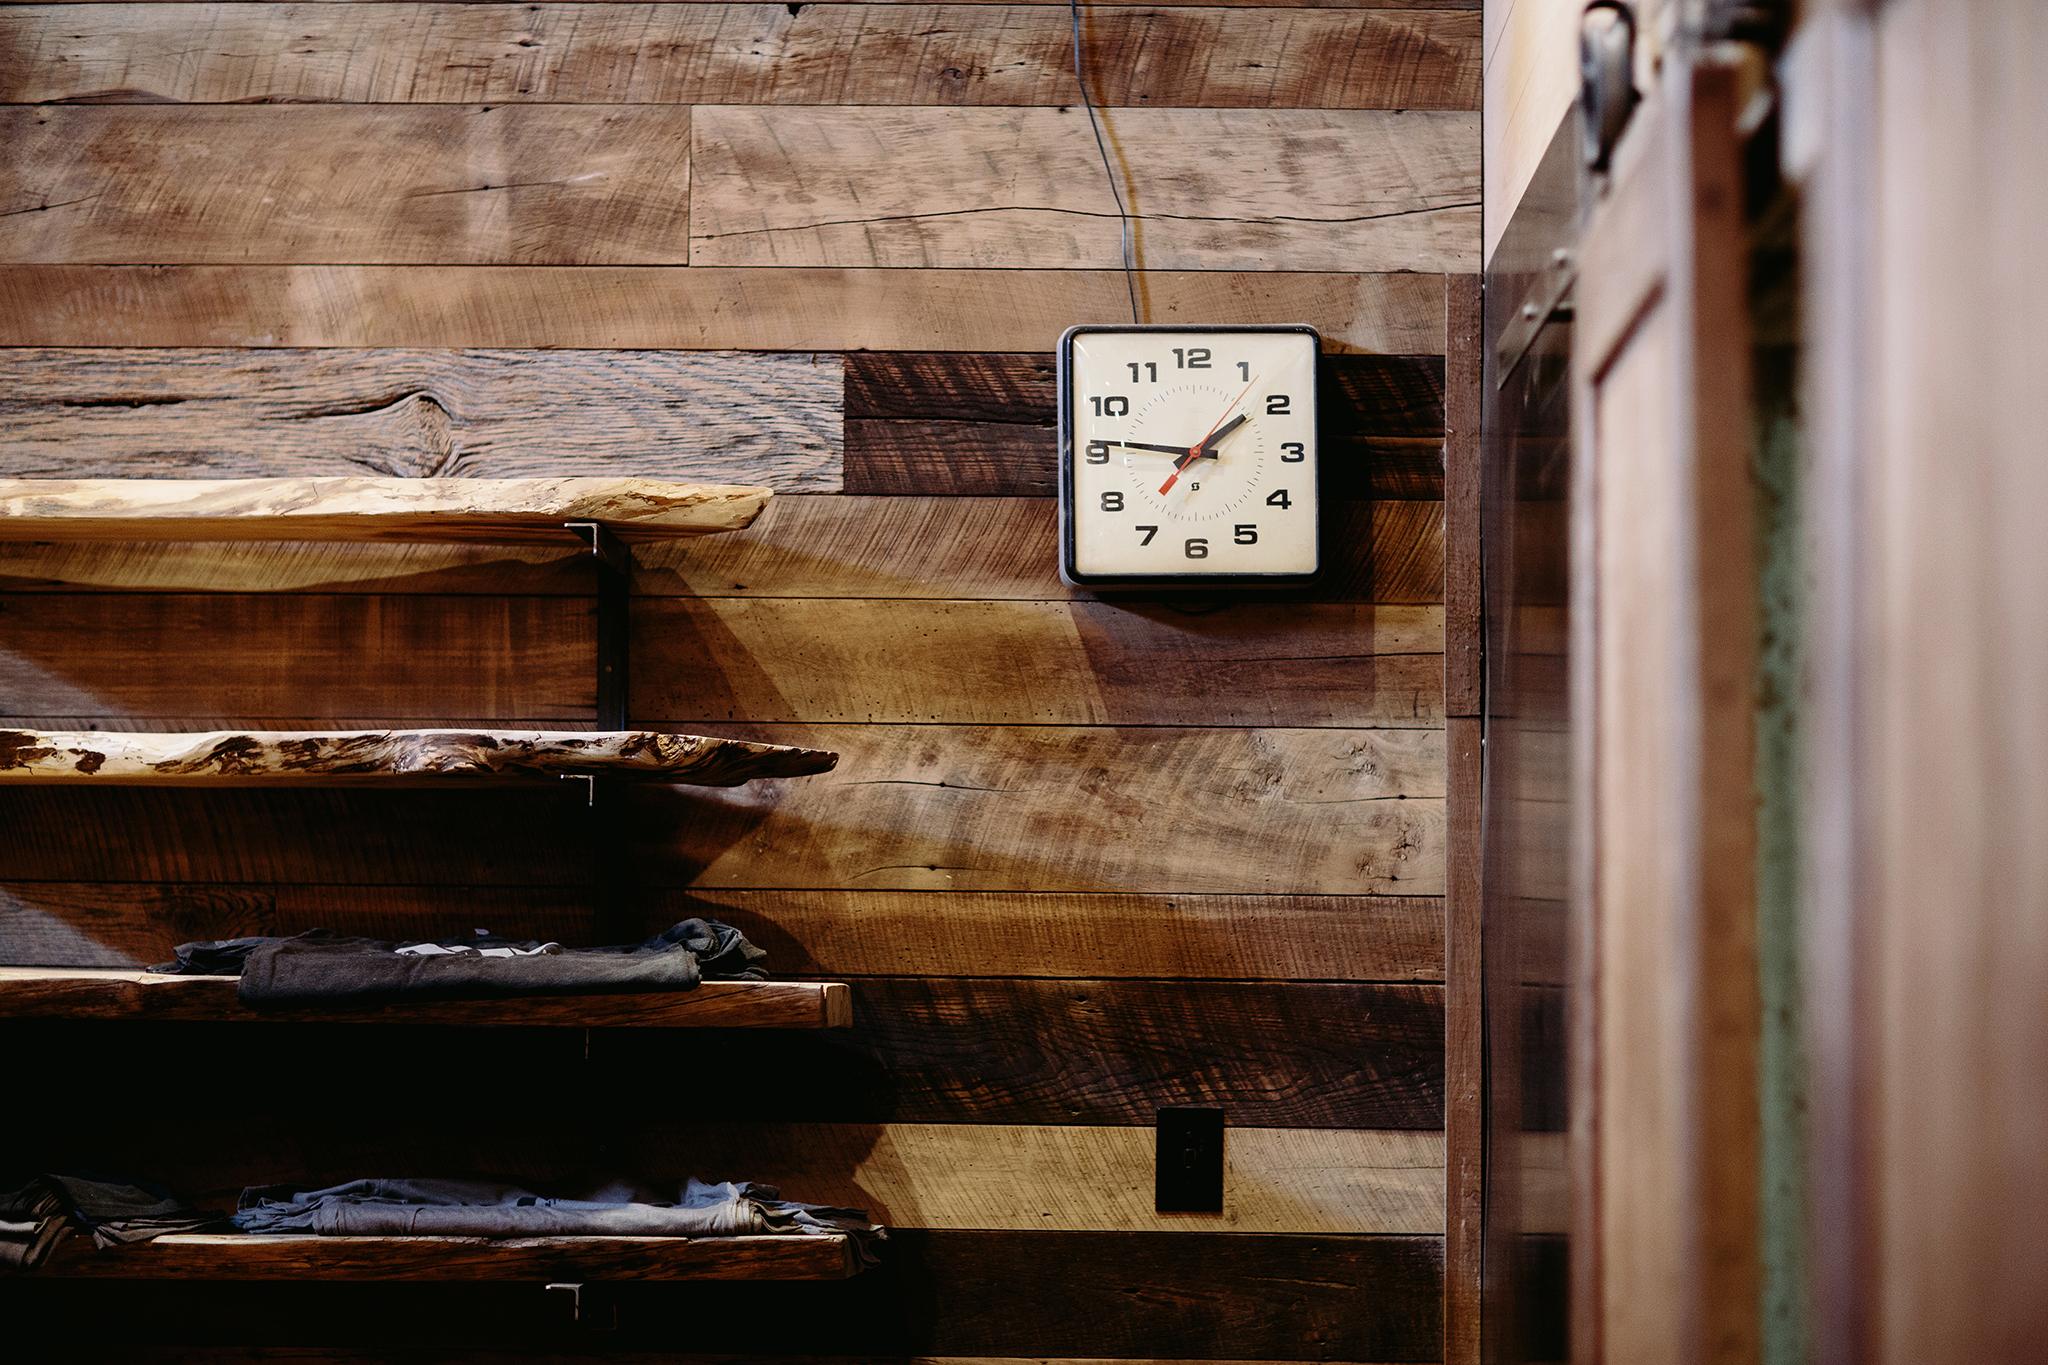 woodstock-web-size-0003.JPG